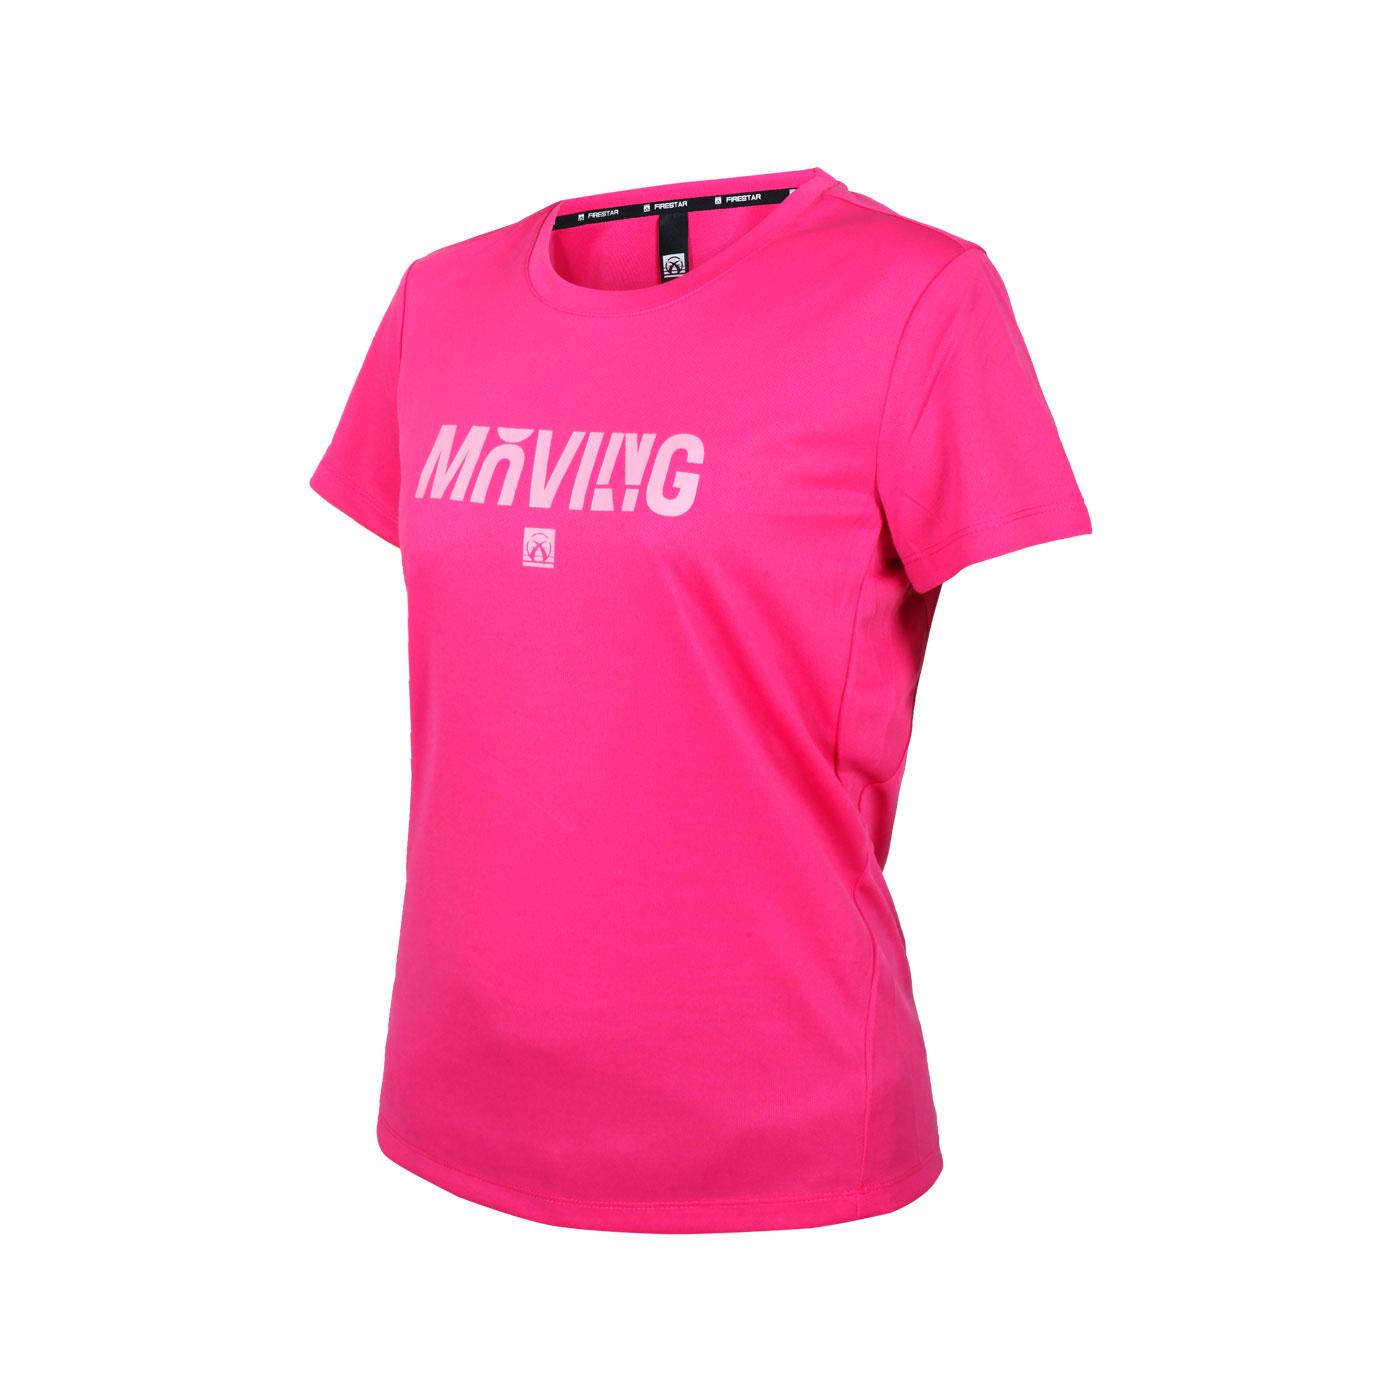 FIRESTAR 女款吸排印花圓領短袖T恤 DL165-46 - 桃紅粉